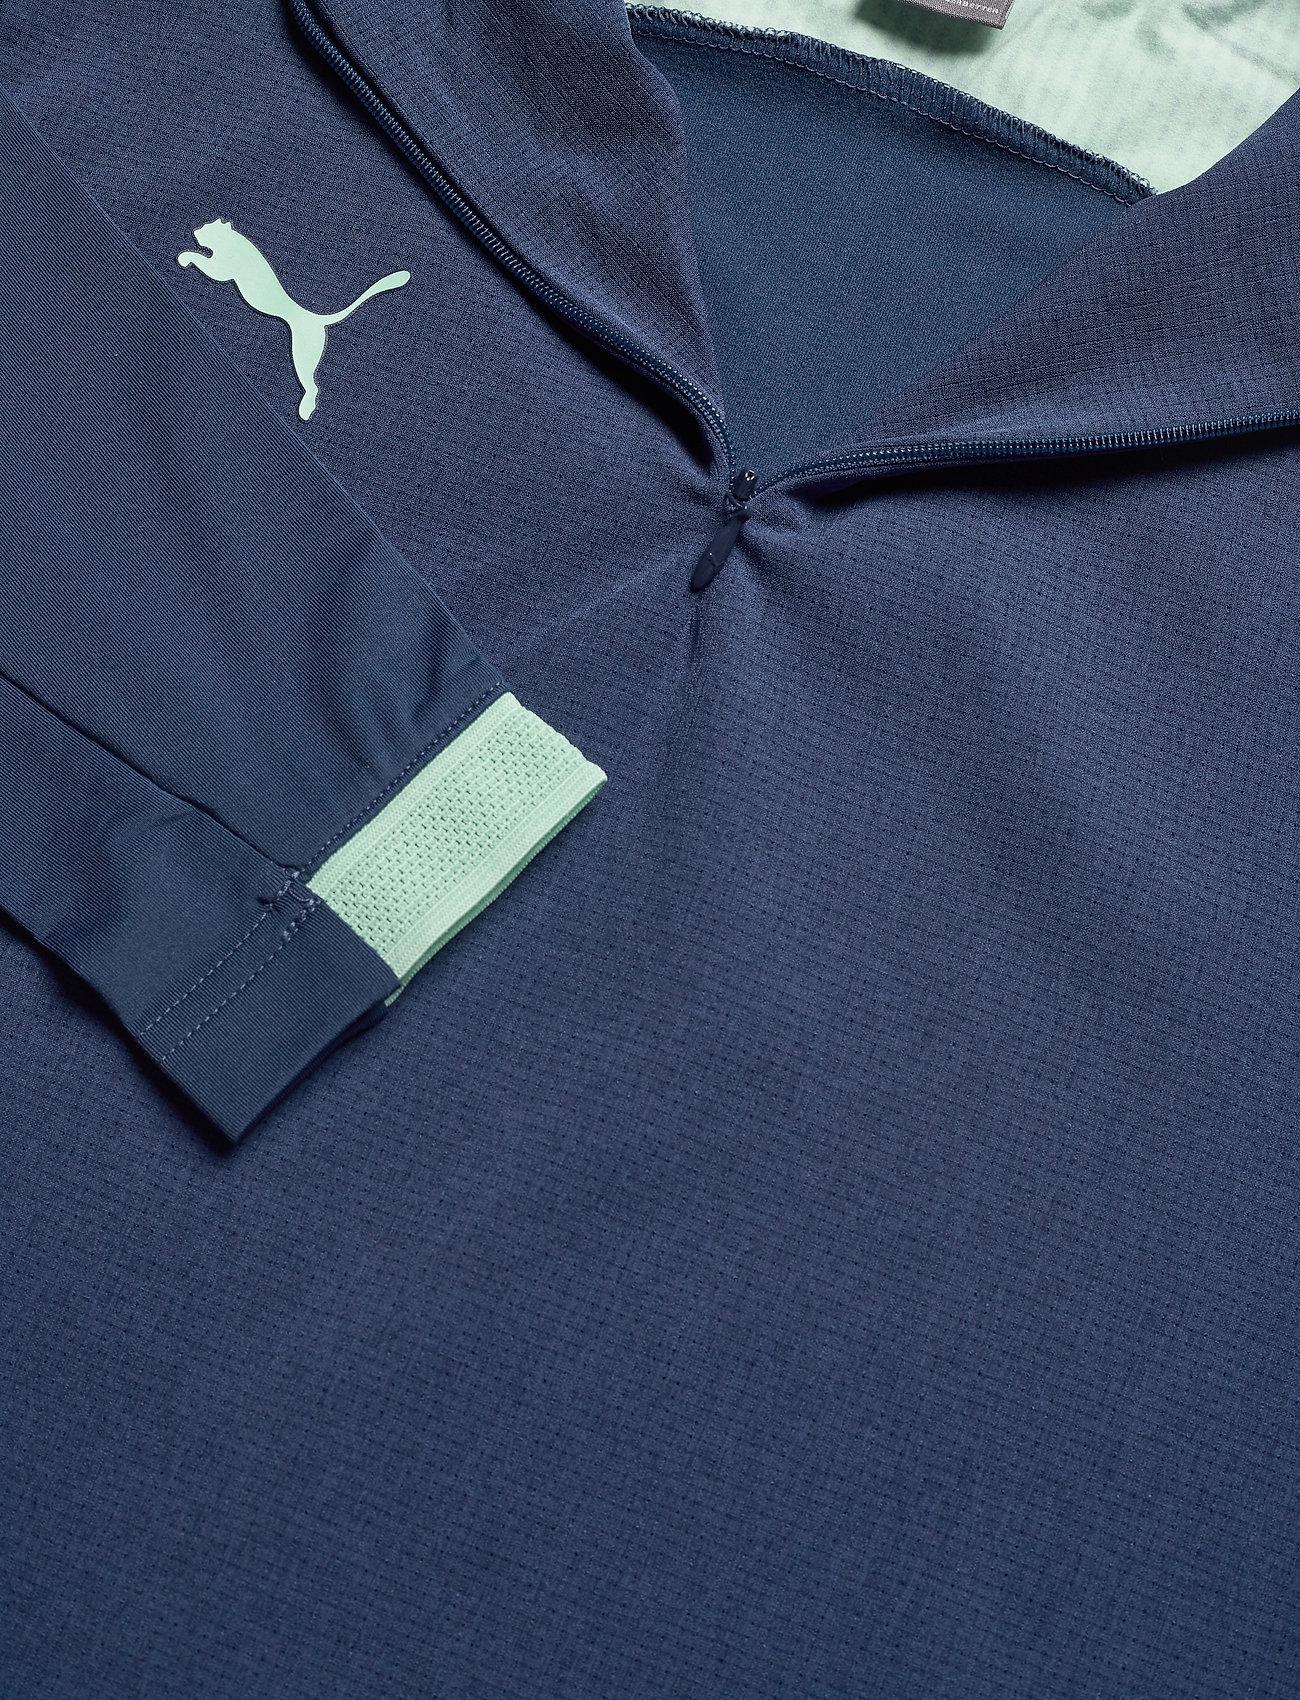 Puma Ftblnxt 1/4 Zip Top W - Sweats Dark Denim-mist Green